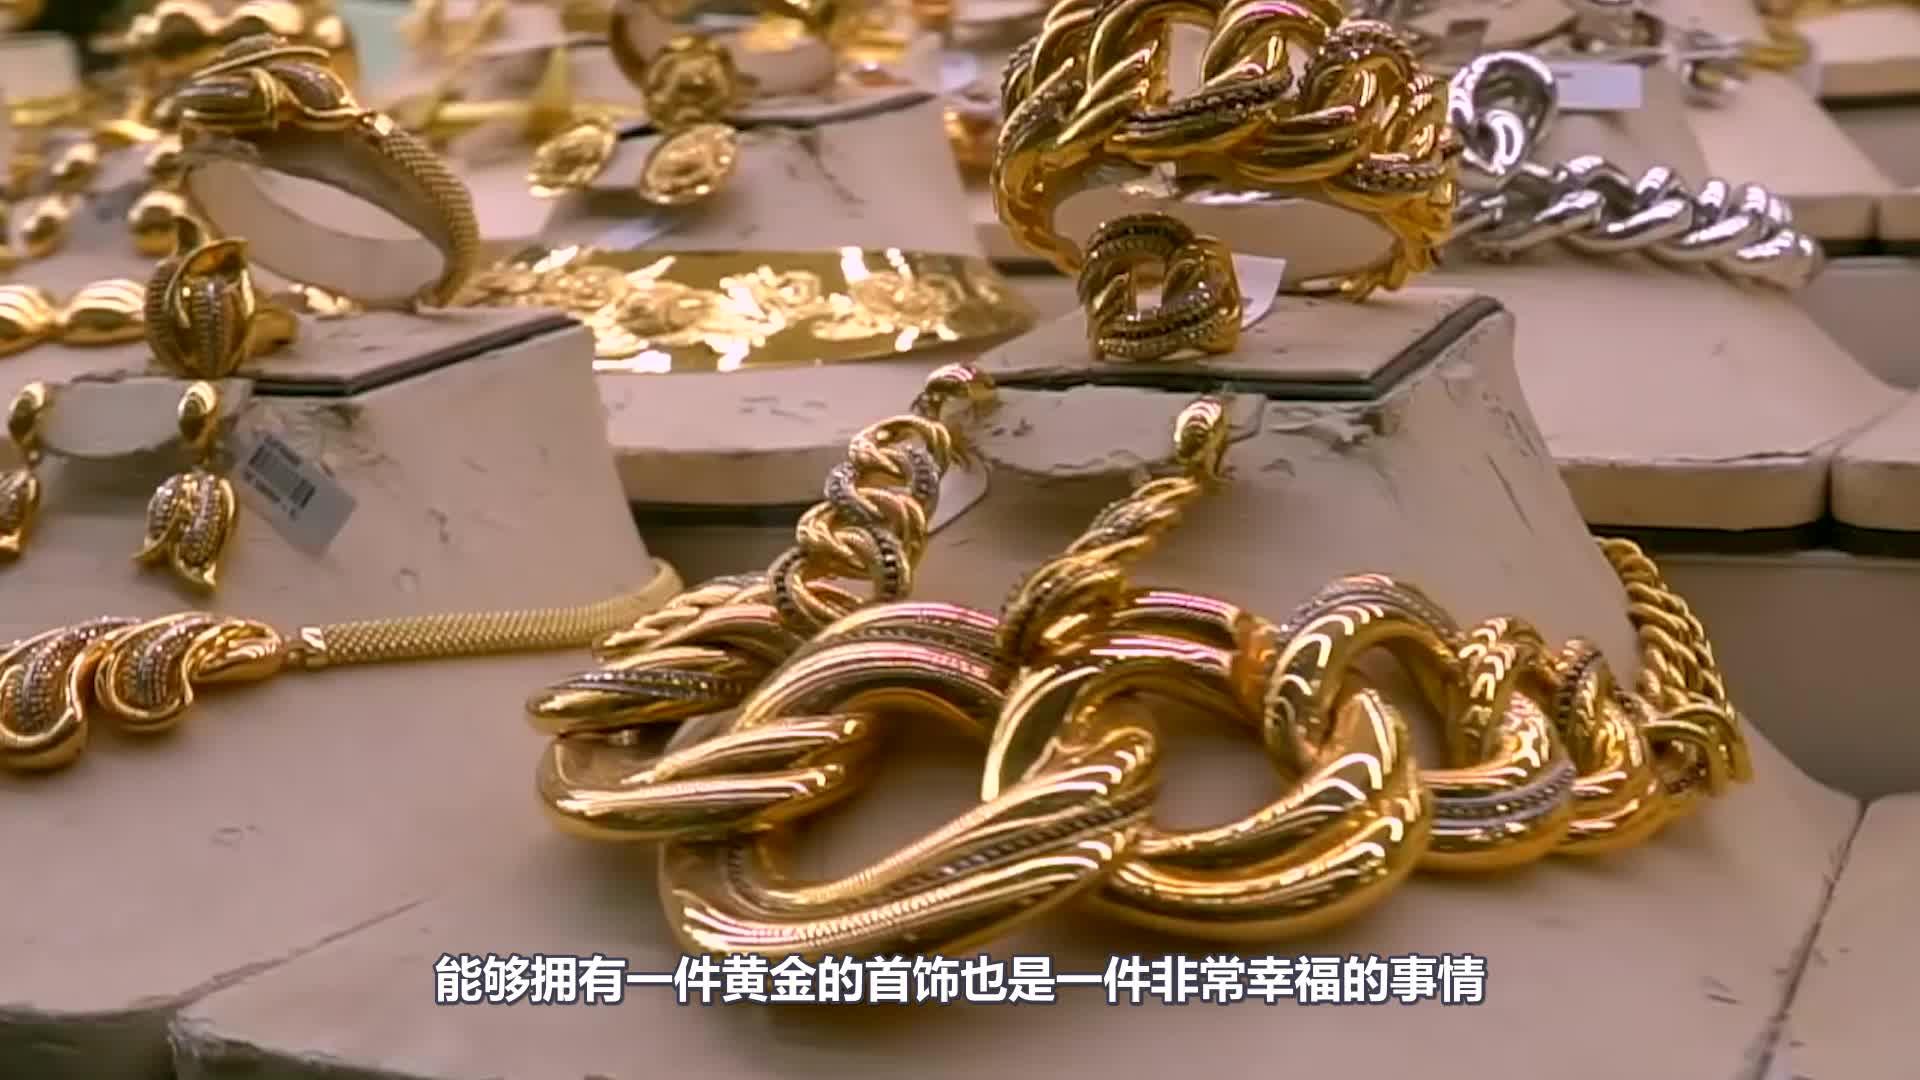 世界上最贵金属不是黄金?盖茨倾其所有只能买4斤,知道是什么吗